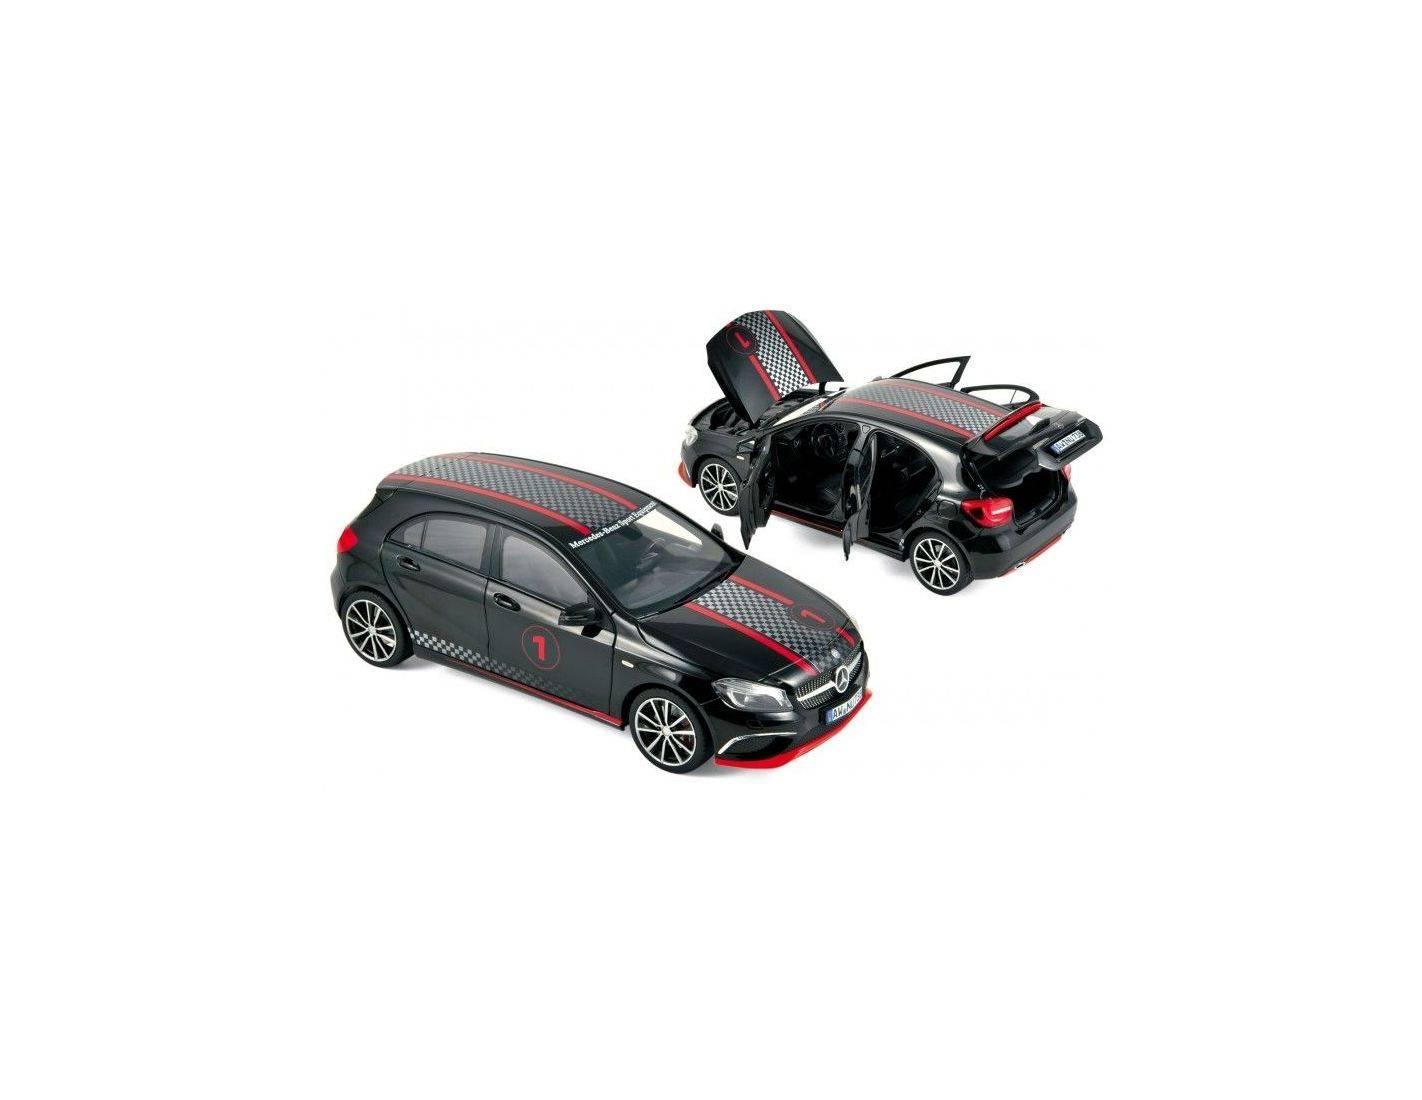 norev nv183596 mercedes a klasse sport equipment 2013 black w racing deco 1 18 modellino. Black Bedroom Furniture Sets. Home Design Ideas